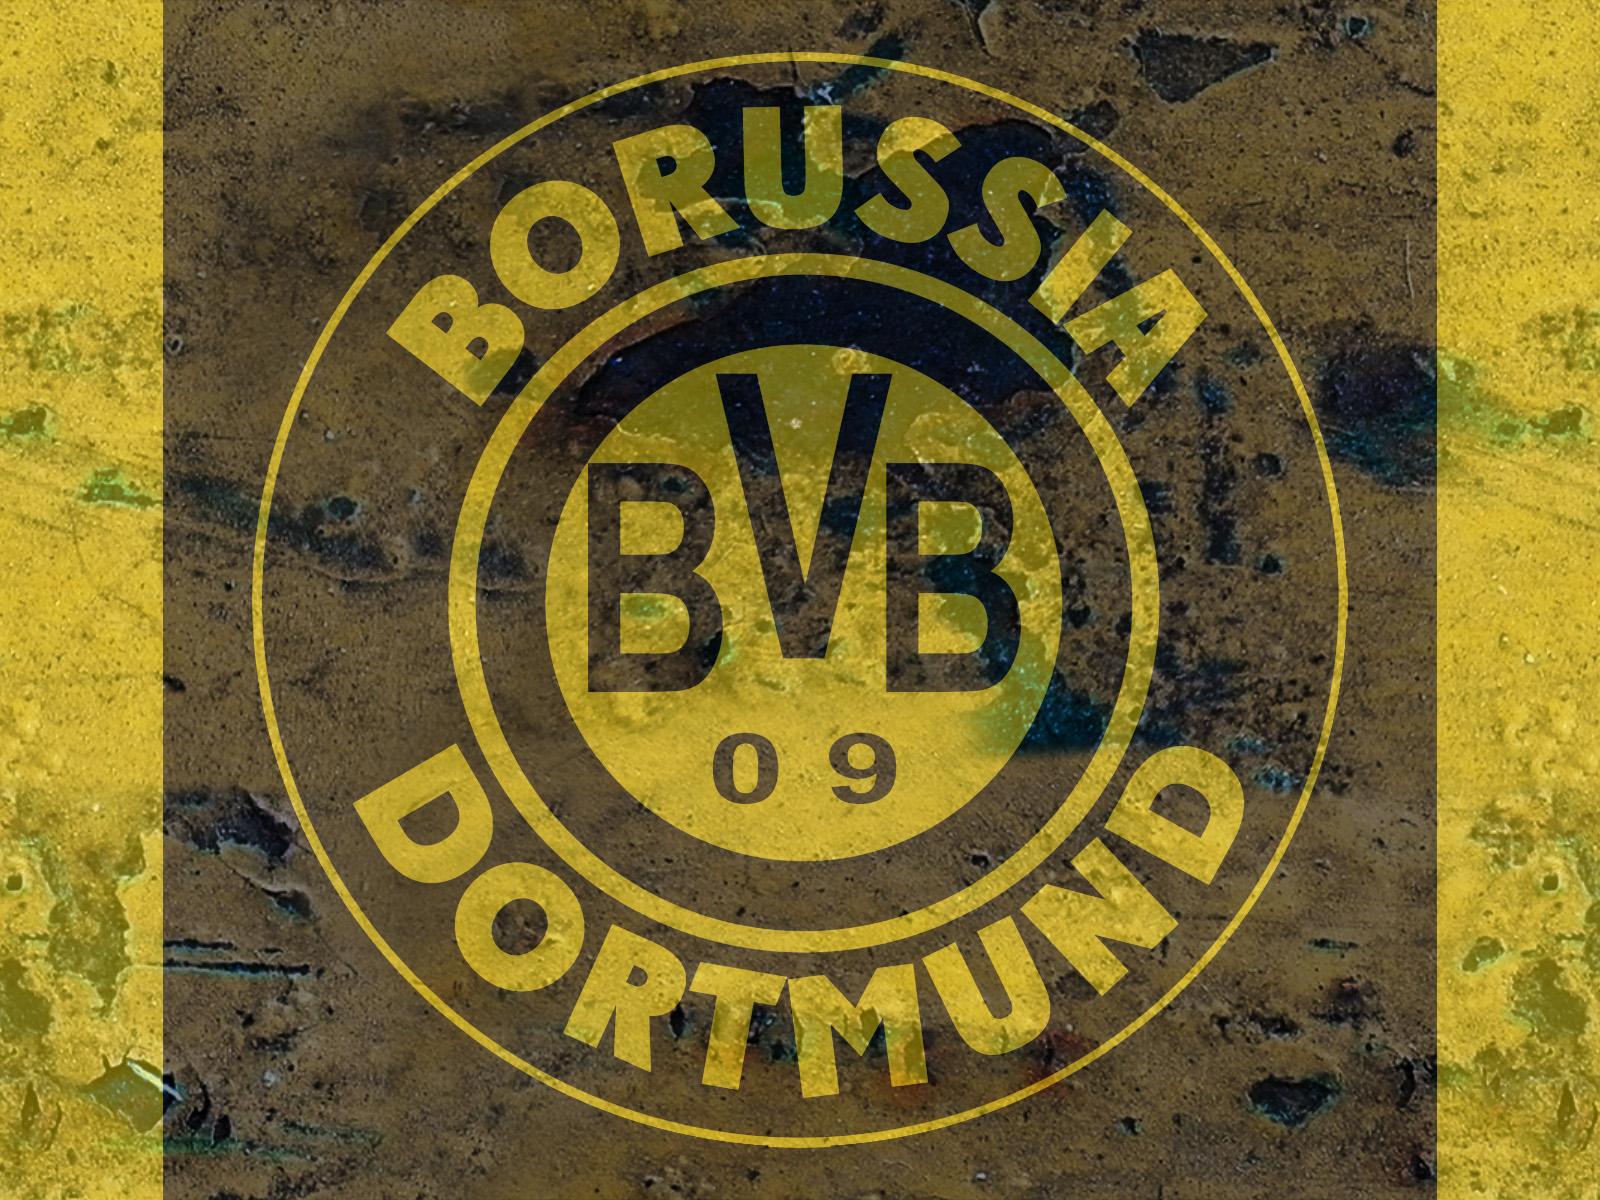 borussia dortmund 012 - photo #14